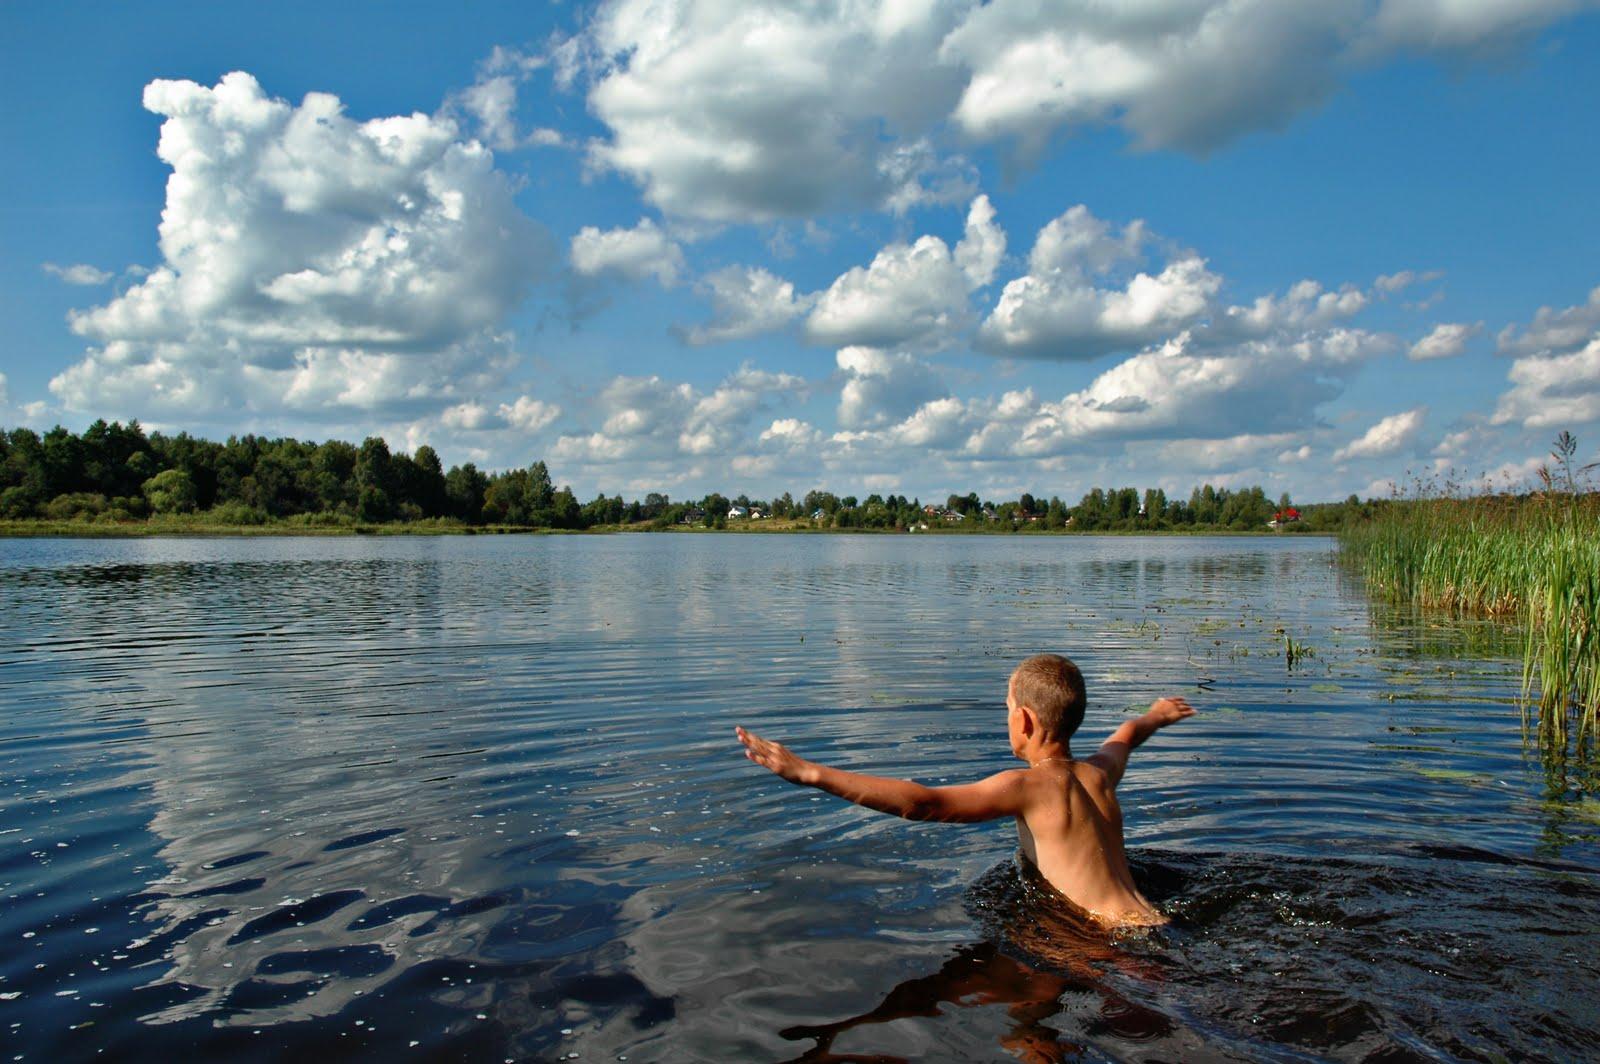 Картинки купание в водоемах летом